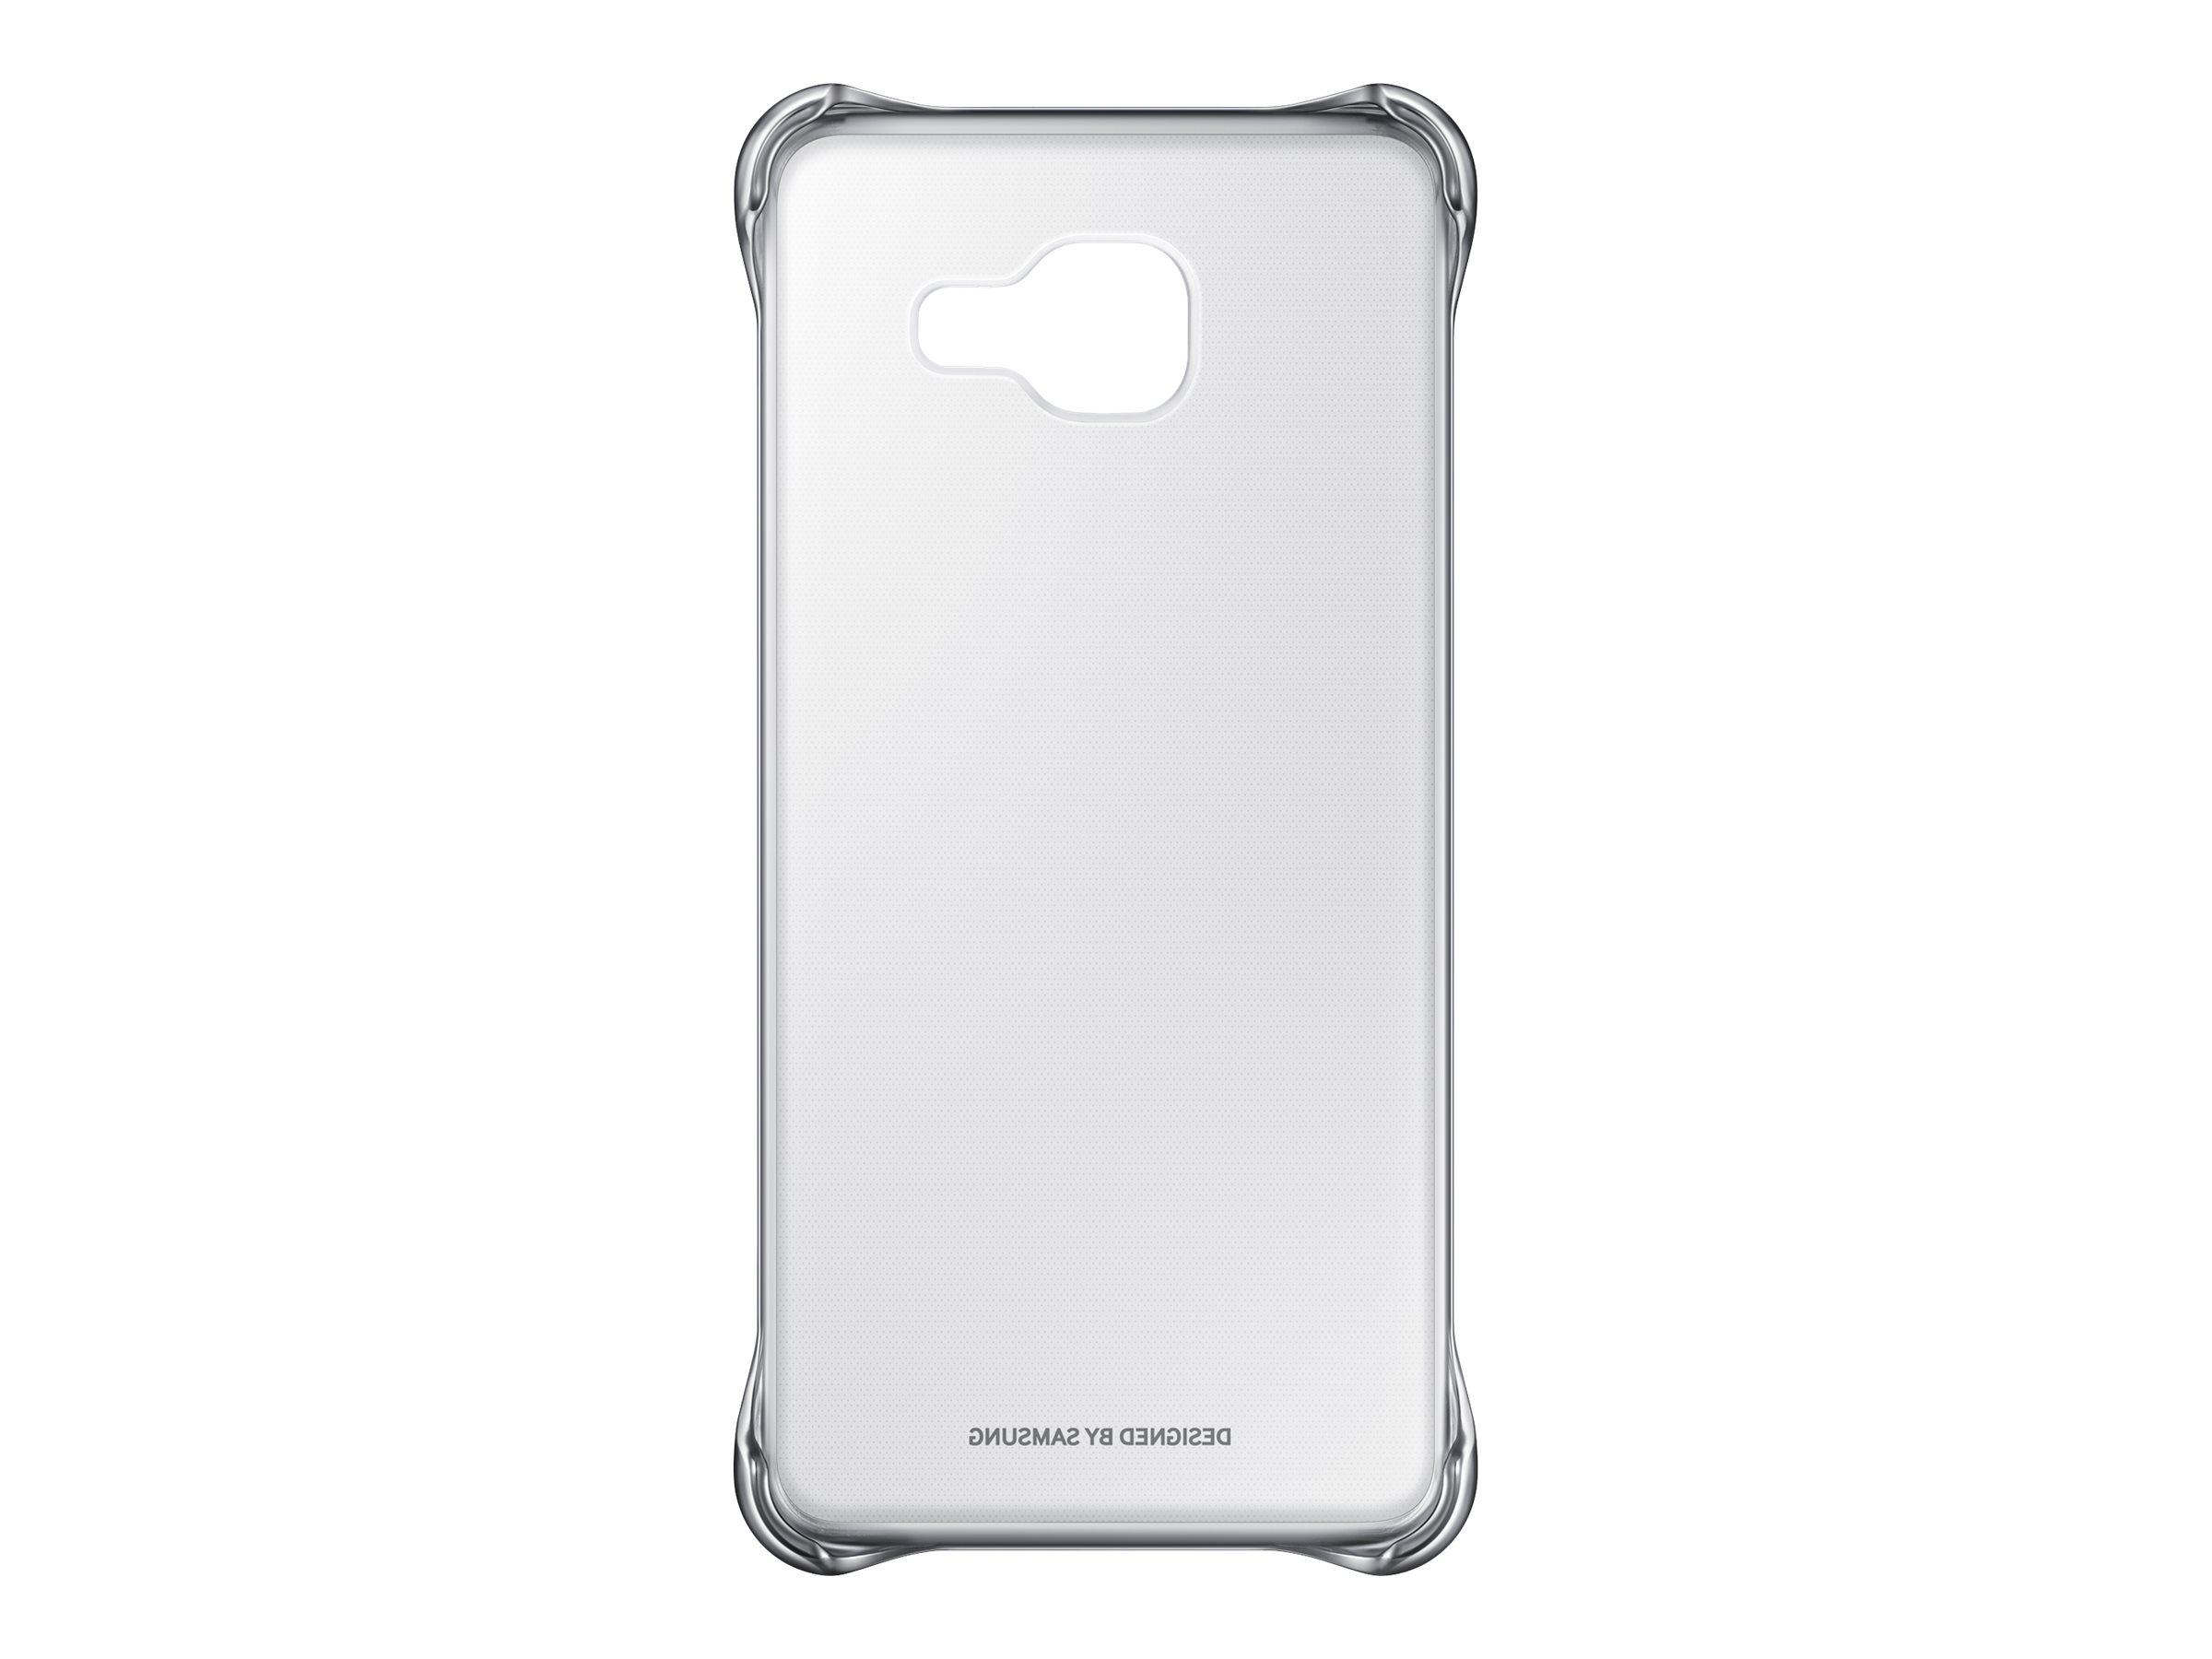 Samsung Clear Cover EF-QA310 coque de protection pour téléphone portable